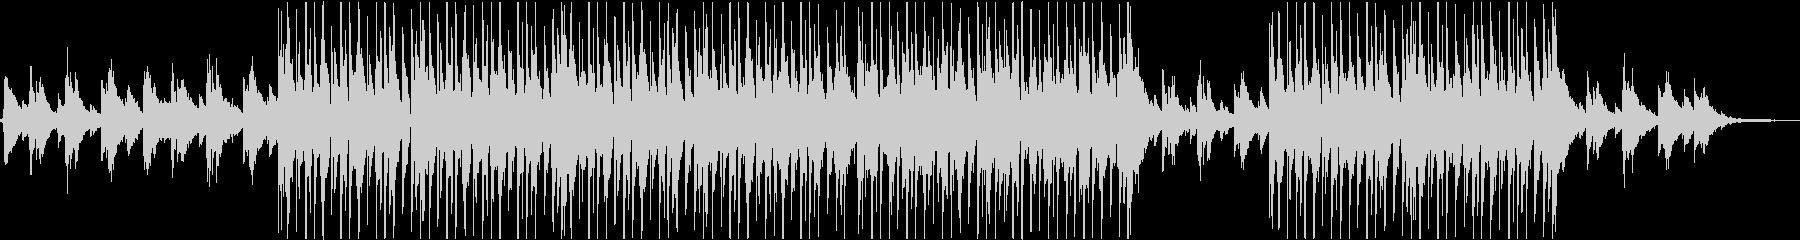 ジャジー、カフェ、オシャレBGM決定版の未再生の波形